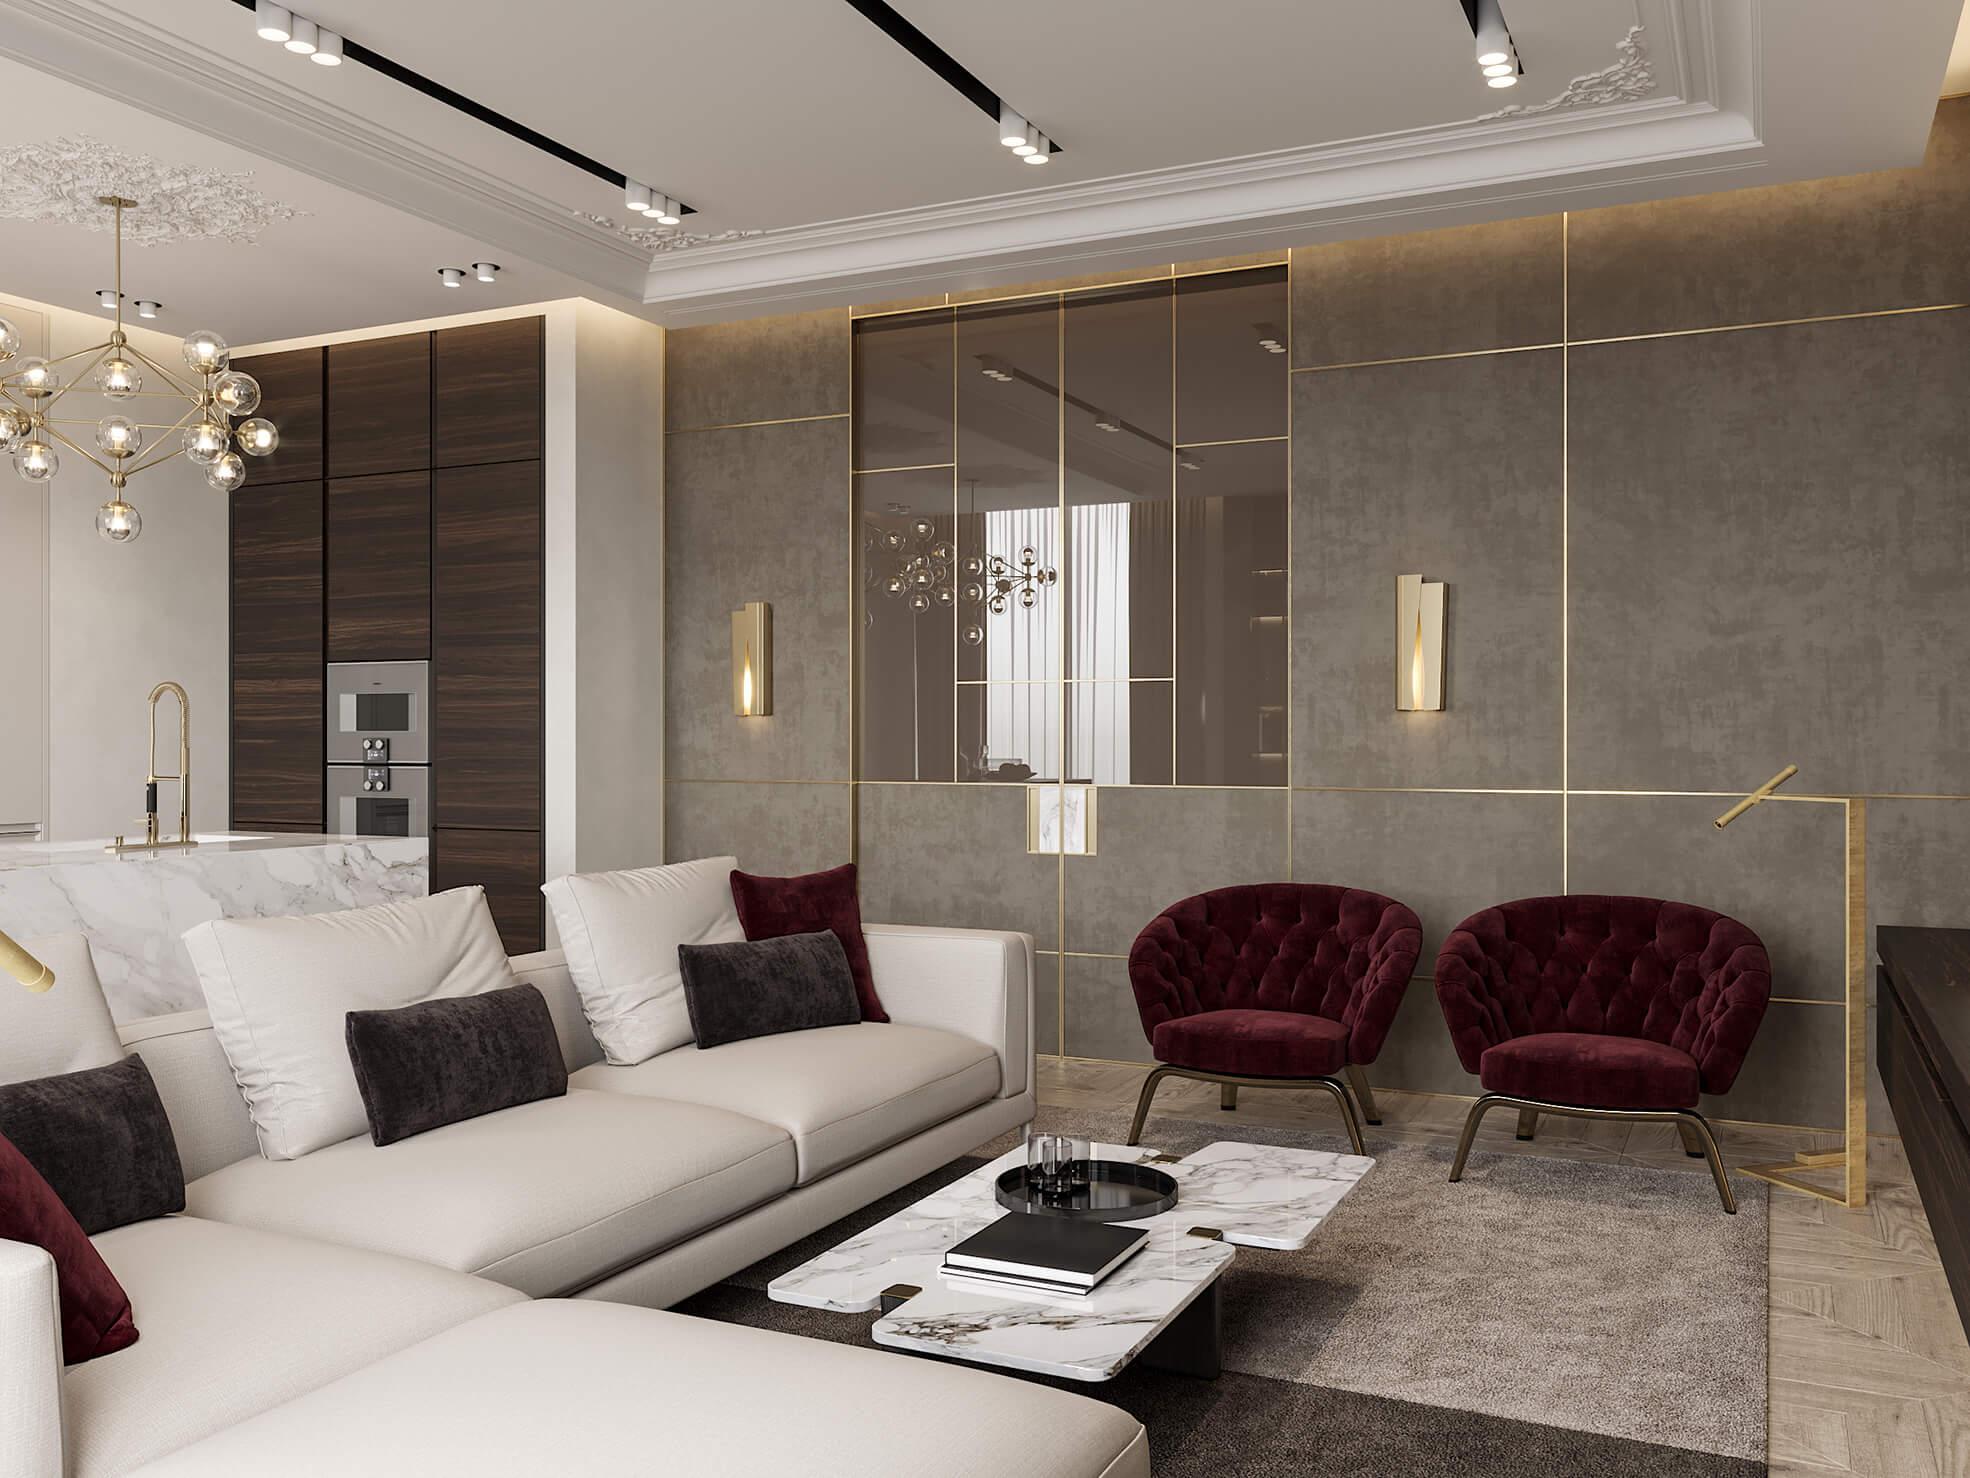 phong cách thiết kế nội thất nhà chung cư đẹp nhất hiện nay 9